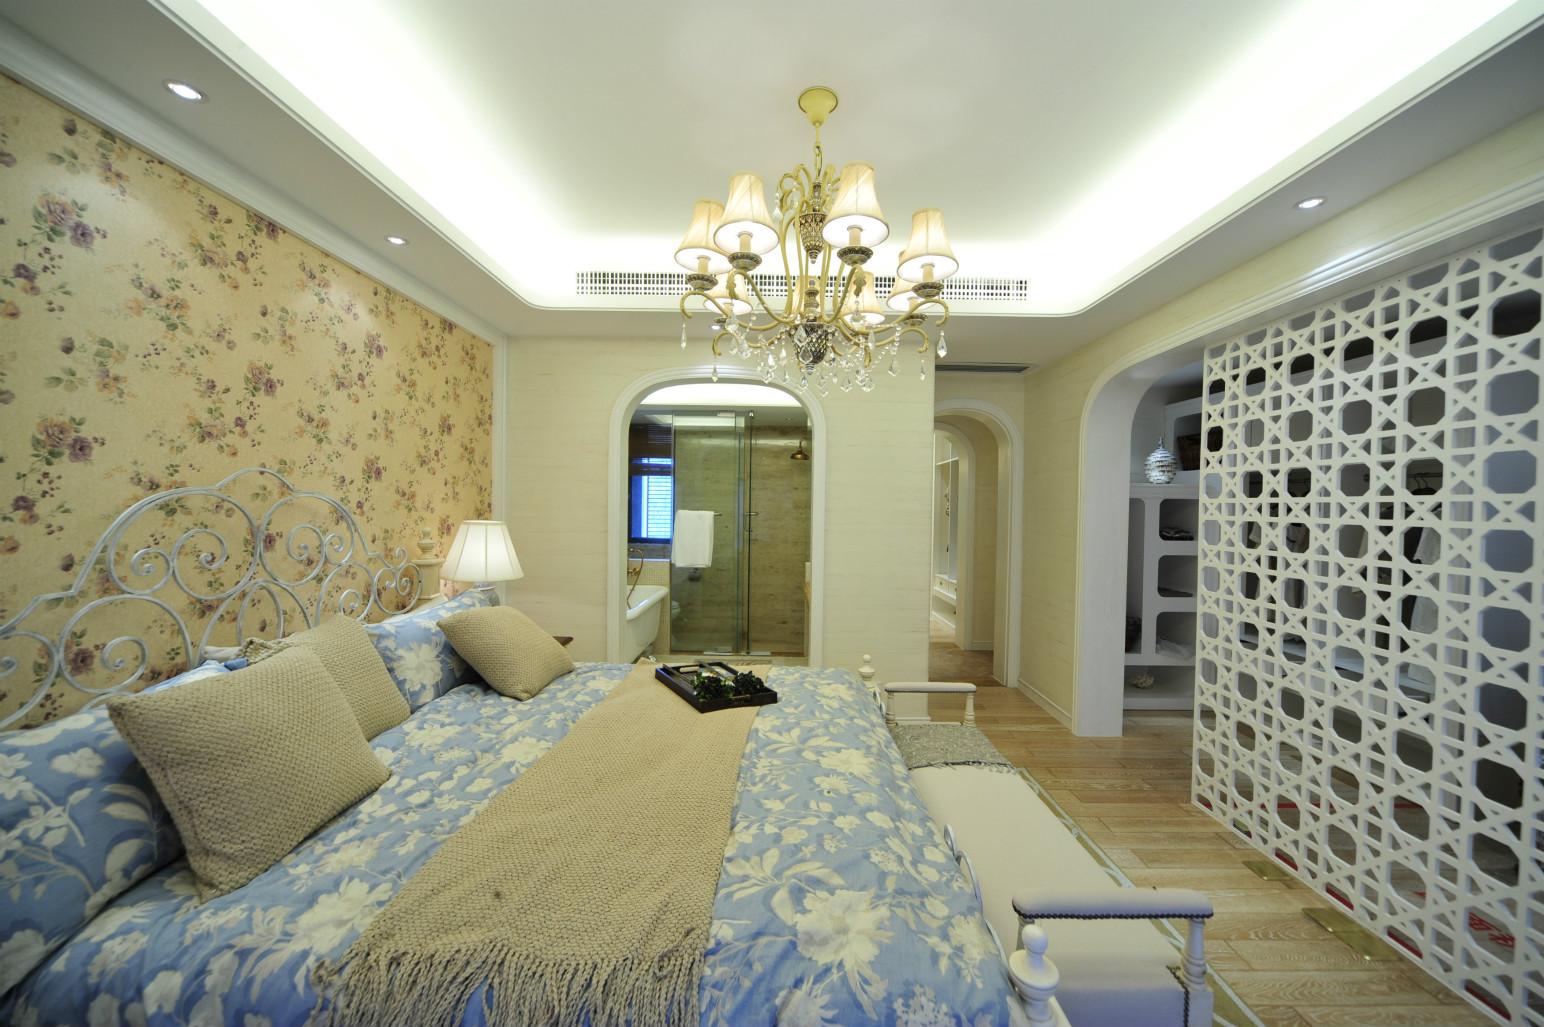 卧室中放置着清晰线条的深蓝色原木简约大床,旁边搭配上同样材质的橱柜,很是别致。